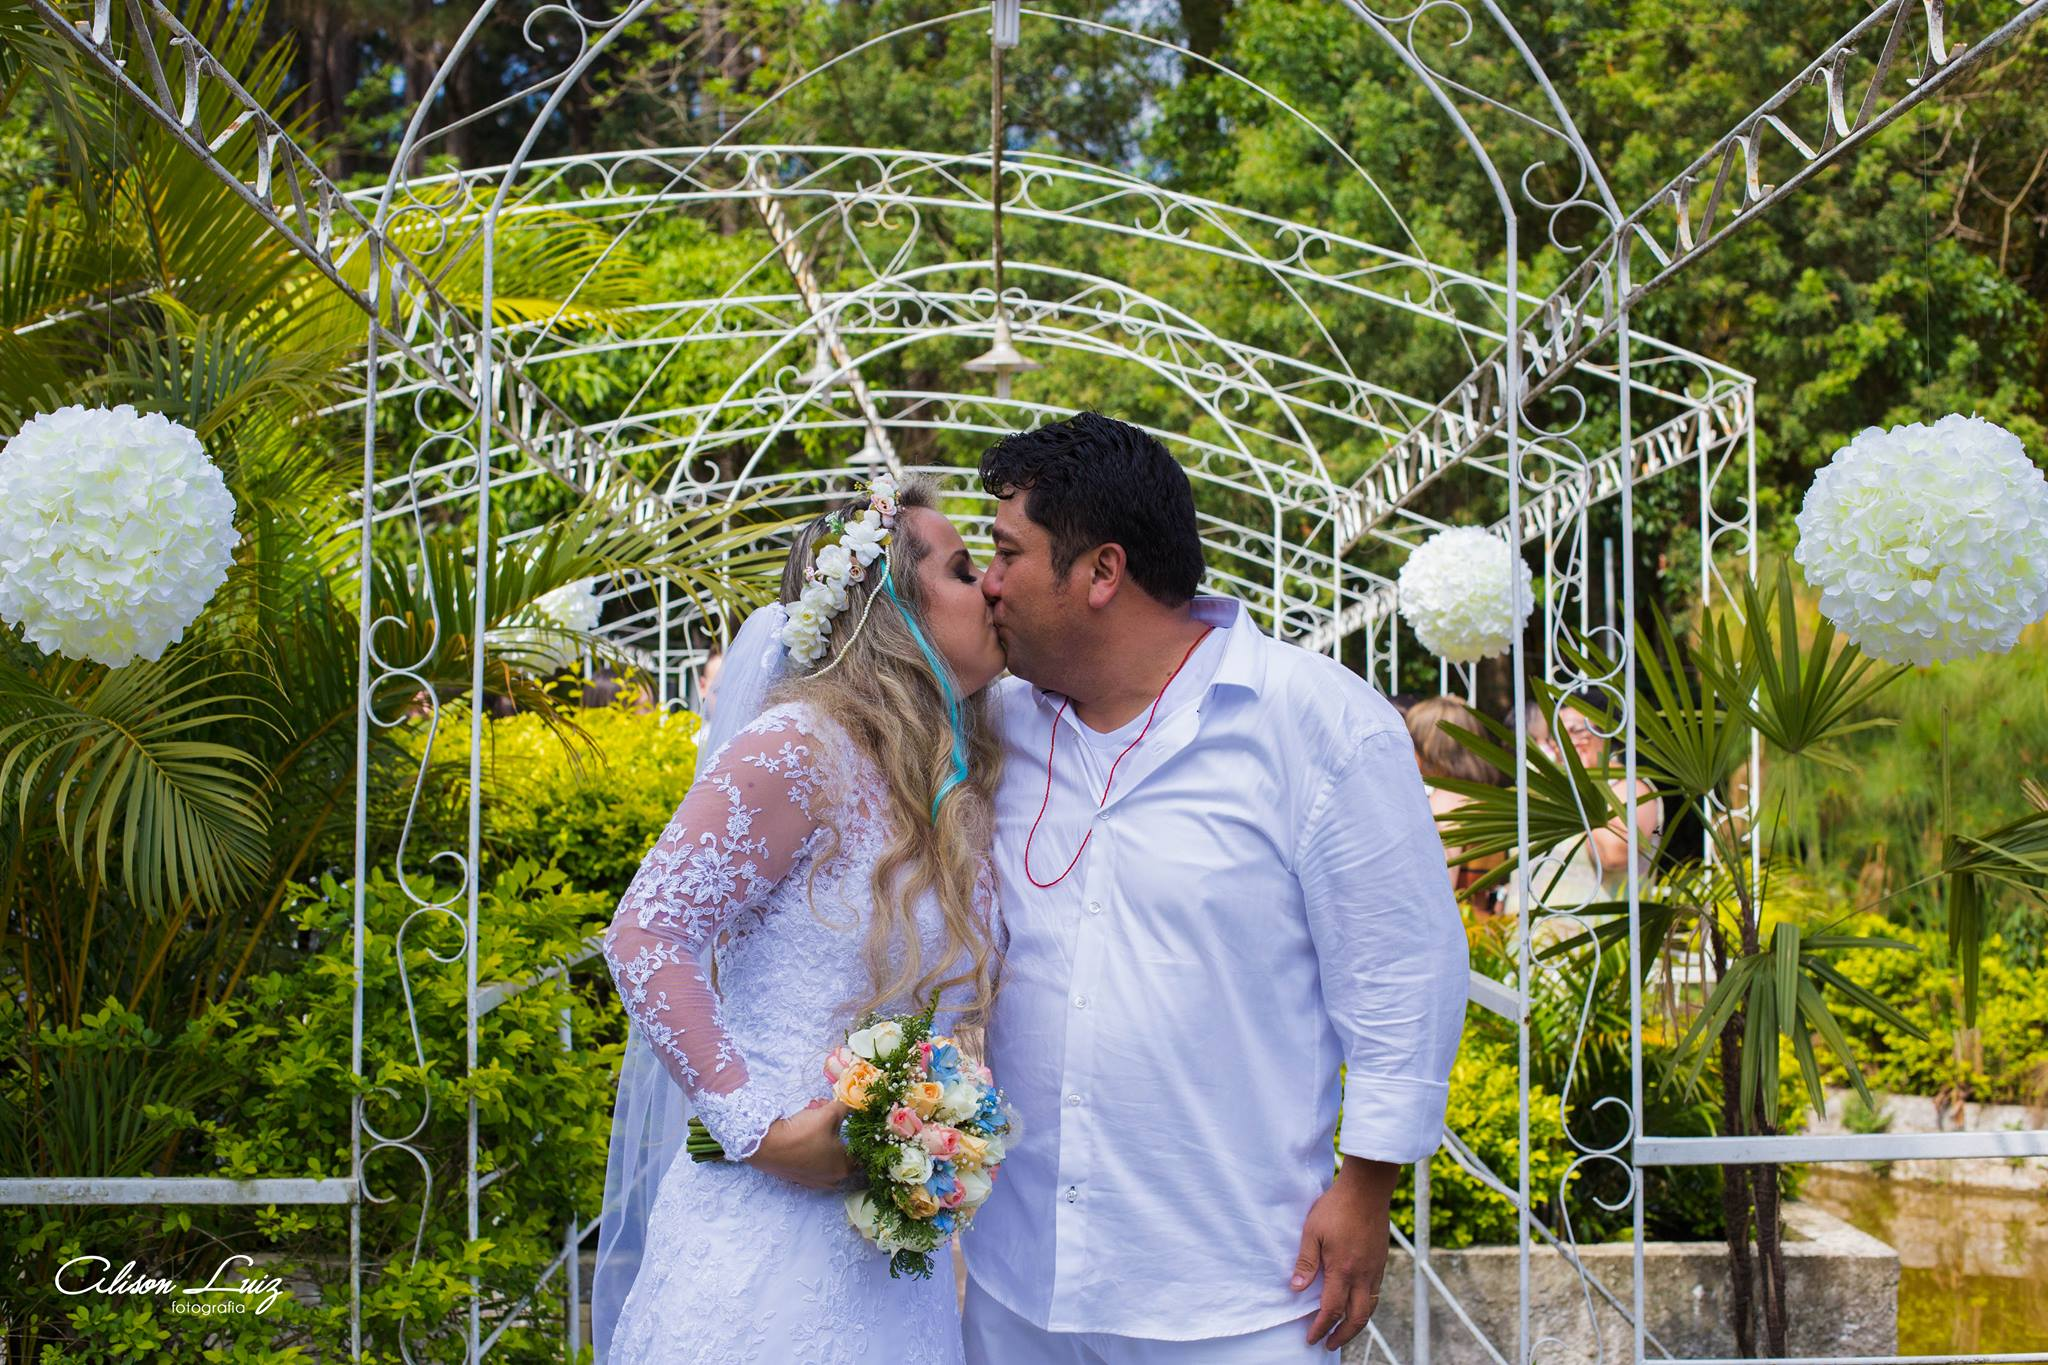 Fotógrafo evangélico registra casamento umbandista e faz lindo relato do que viu 15